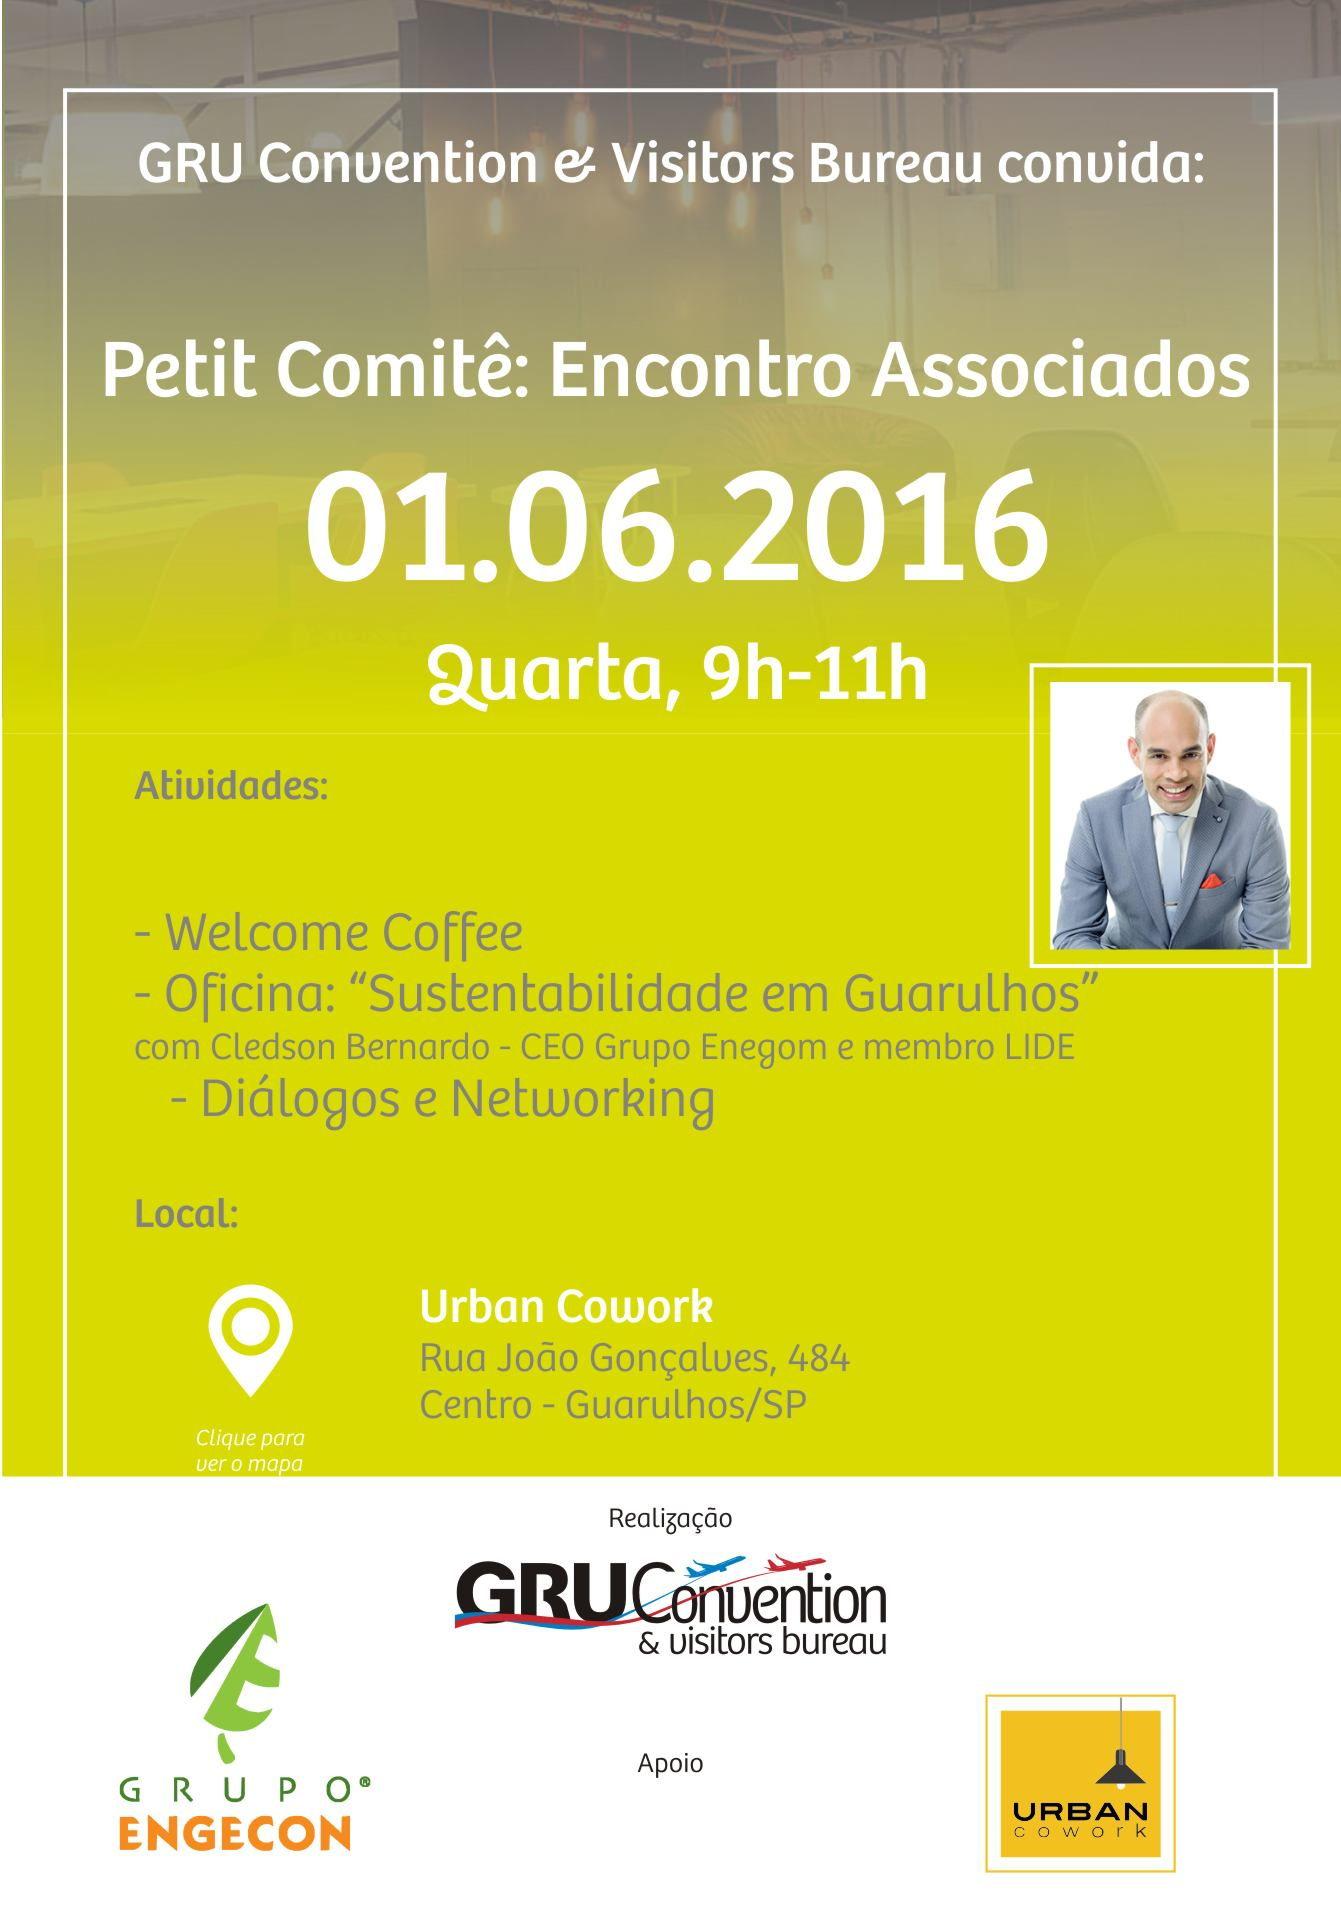 2016_06_01_petit comite encontro associados_ENGECON.jpg